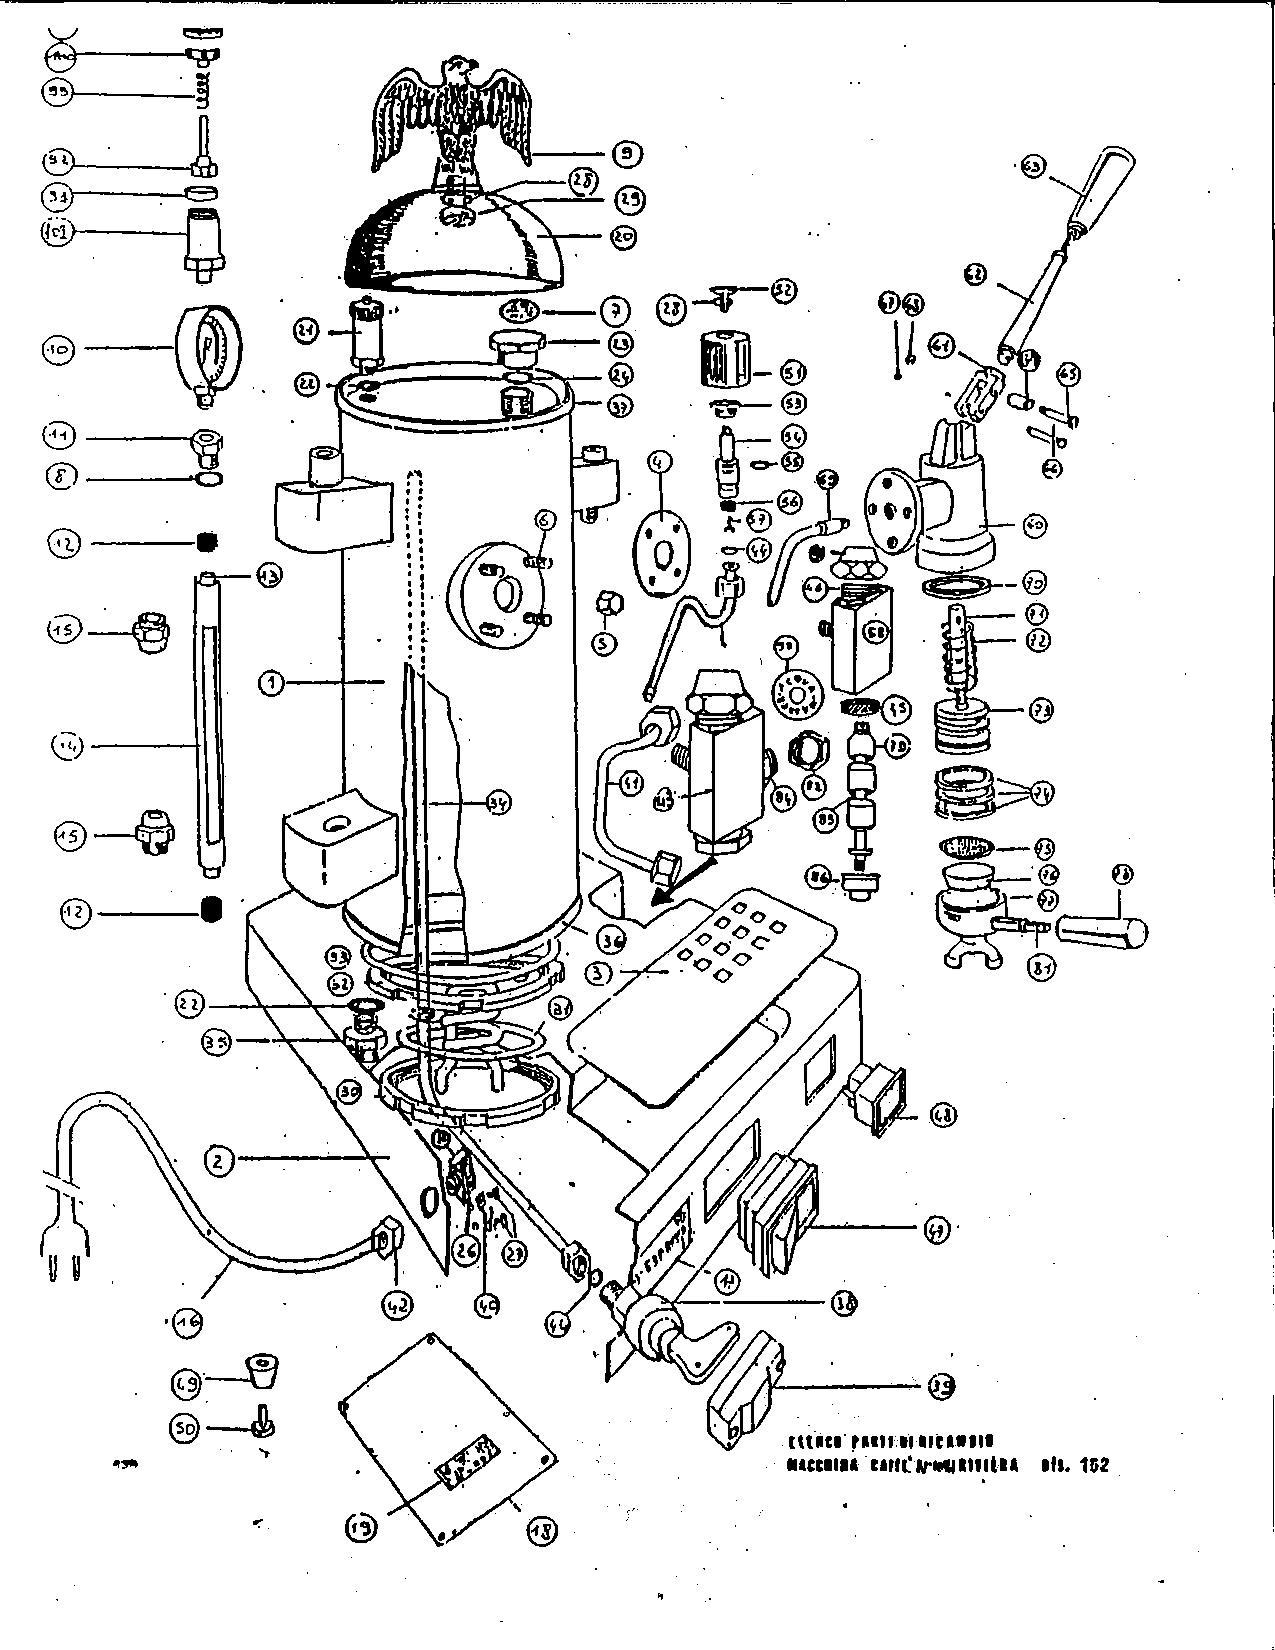 Espresso Maker Schematic   Wiring Liry on toaster schematic, ice maker schematic, cd player schematic, washing machine schematic, oven schematic, microwave schematic, alarm clock schematic, espresso boiler schematic 2, computer schematic, radio schematic, vacuum cleaner schematic, freezer schematic, industrial heat exchanger schematic, refrigerator schematic, ice machine schematic, telephone schematic,